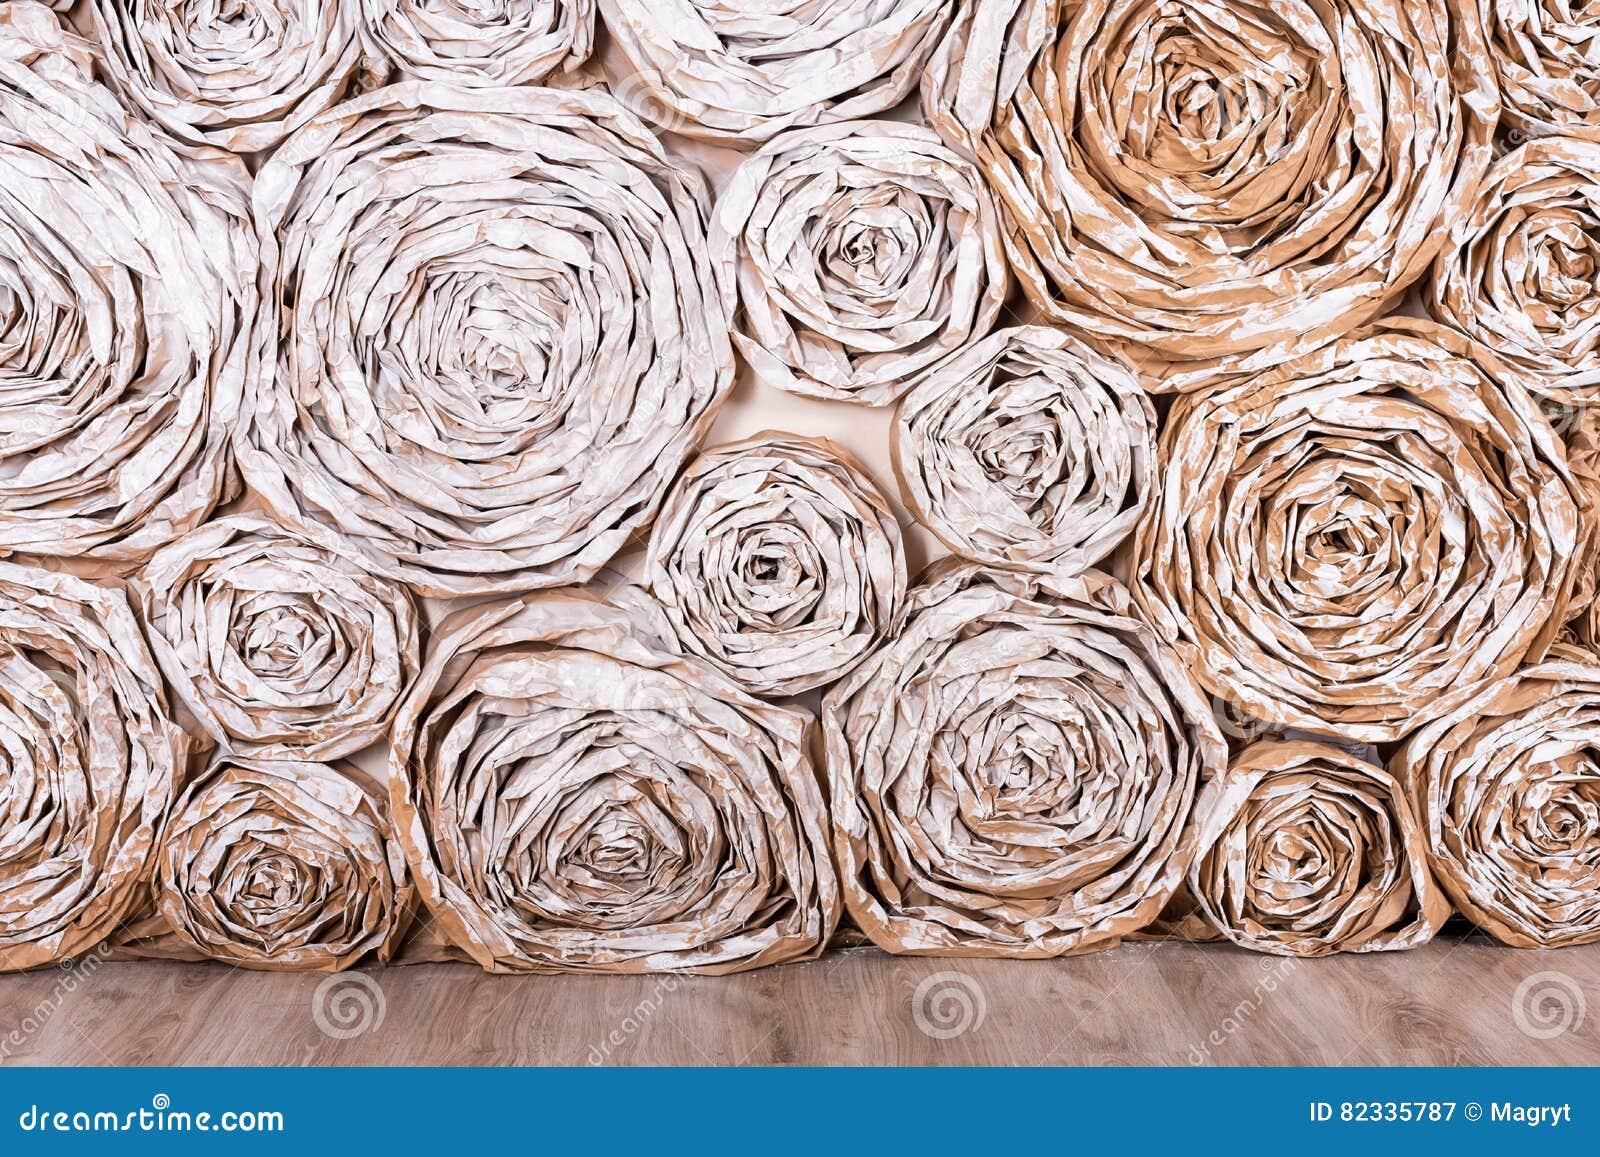 有纸花的墙壁 手工制造工艺创造性的抽象背景